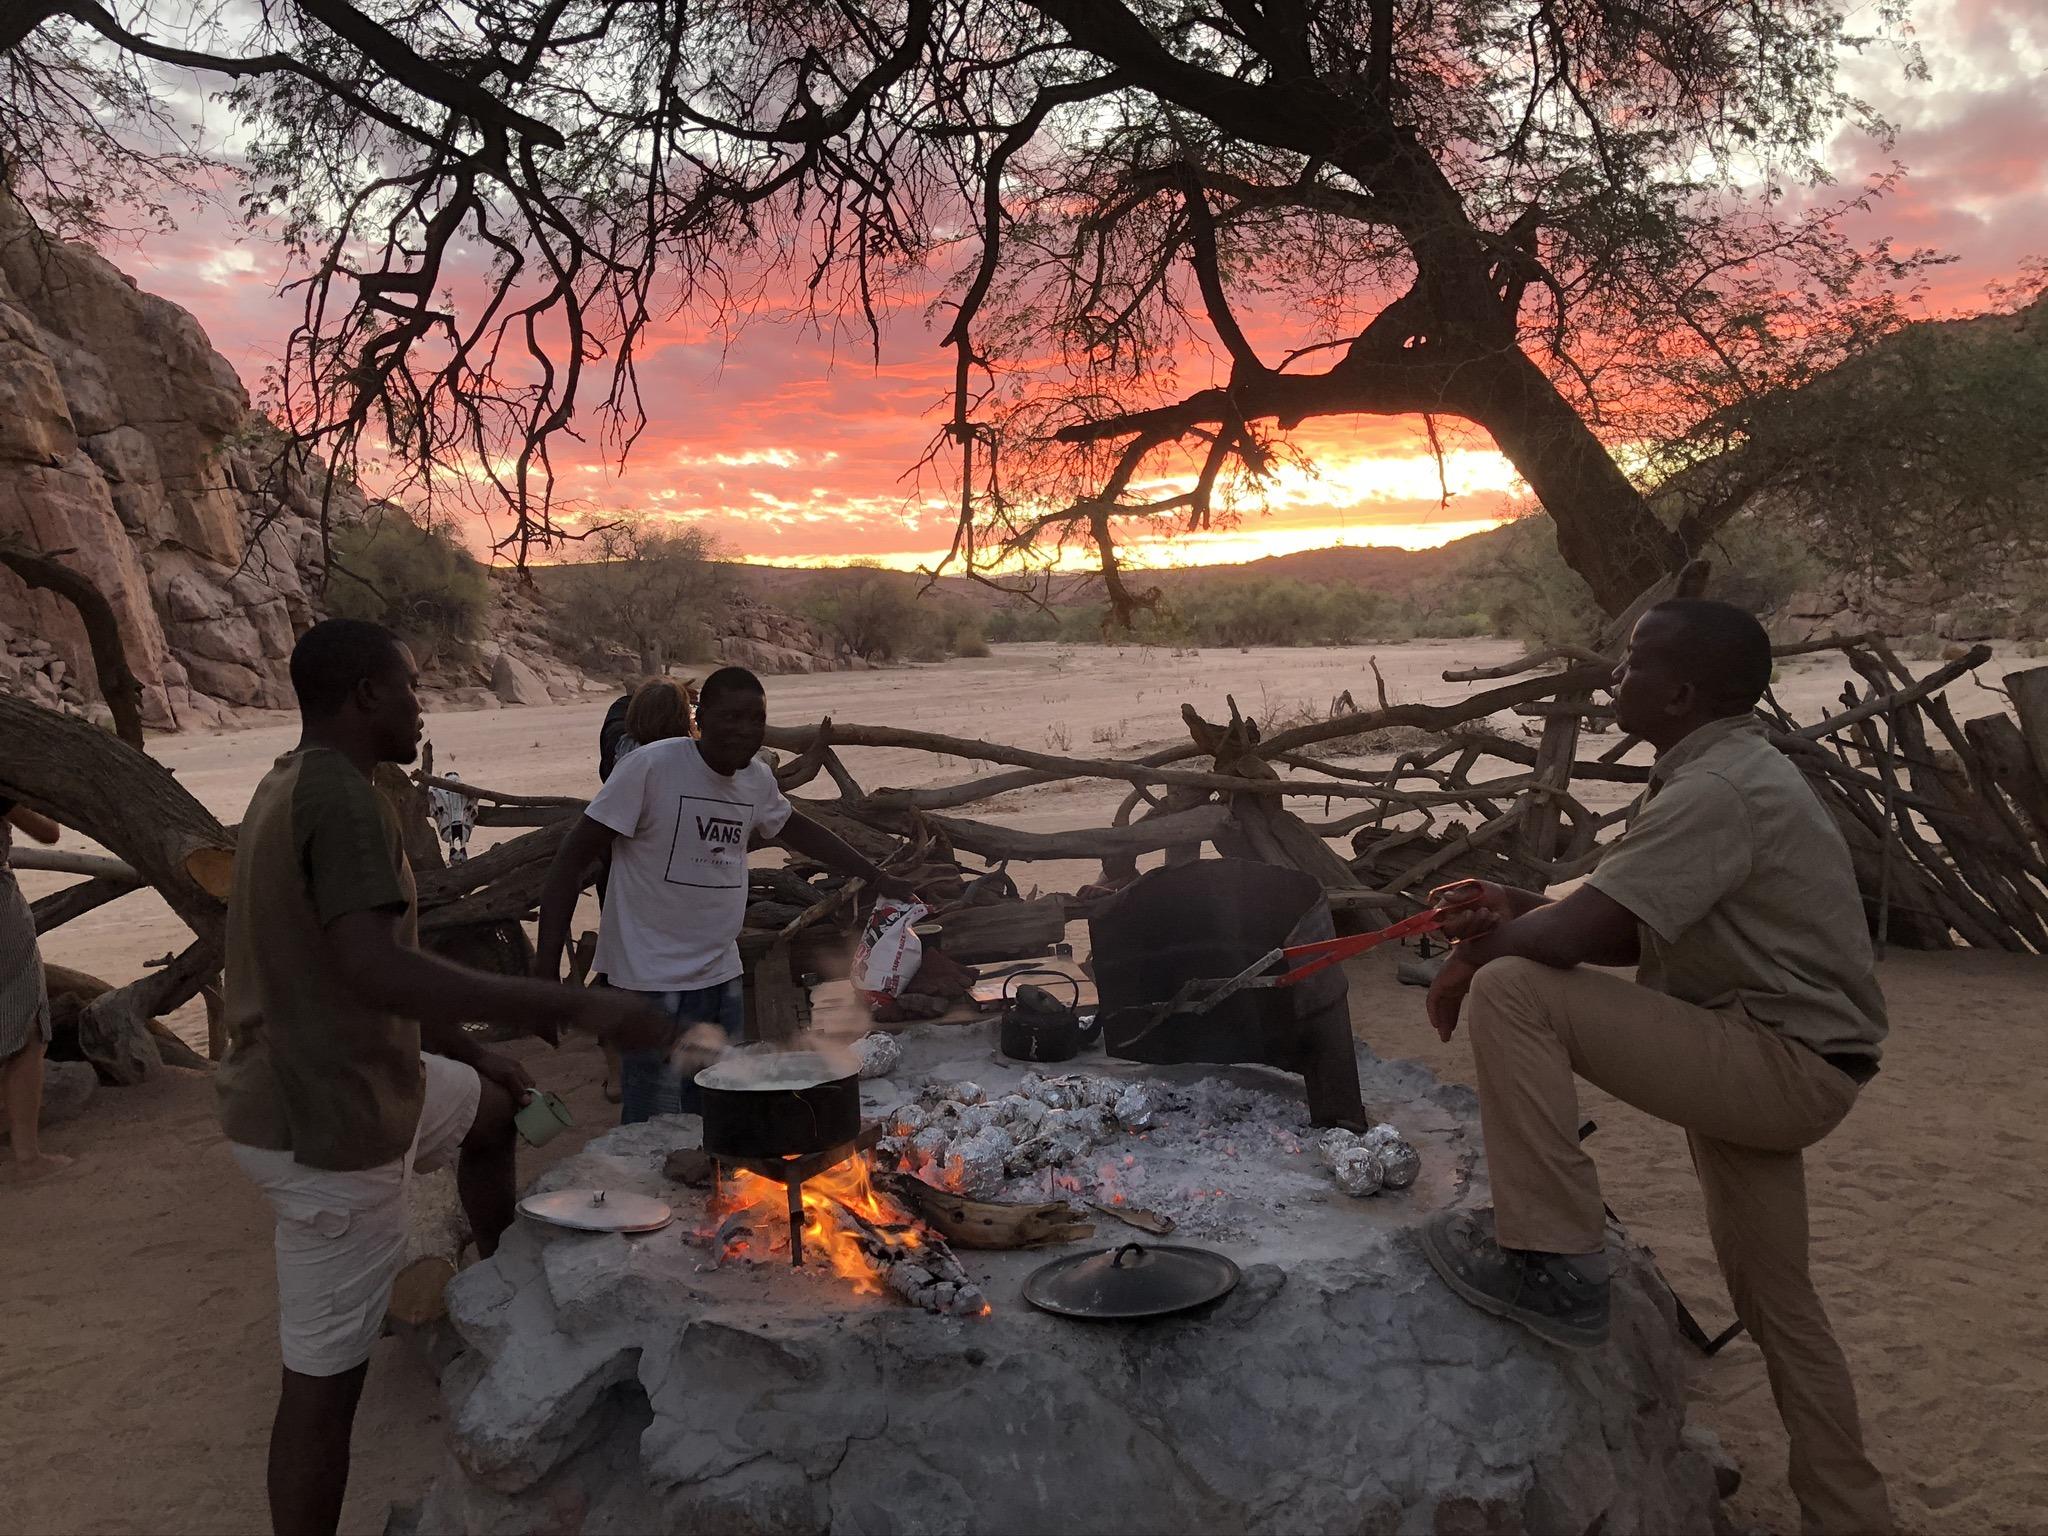 de-ervaringen-van-paulien-tijdens-het-desert-elephant-project-namibie-deel-2-2